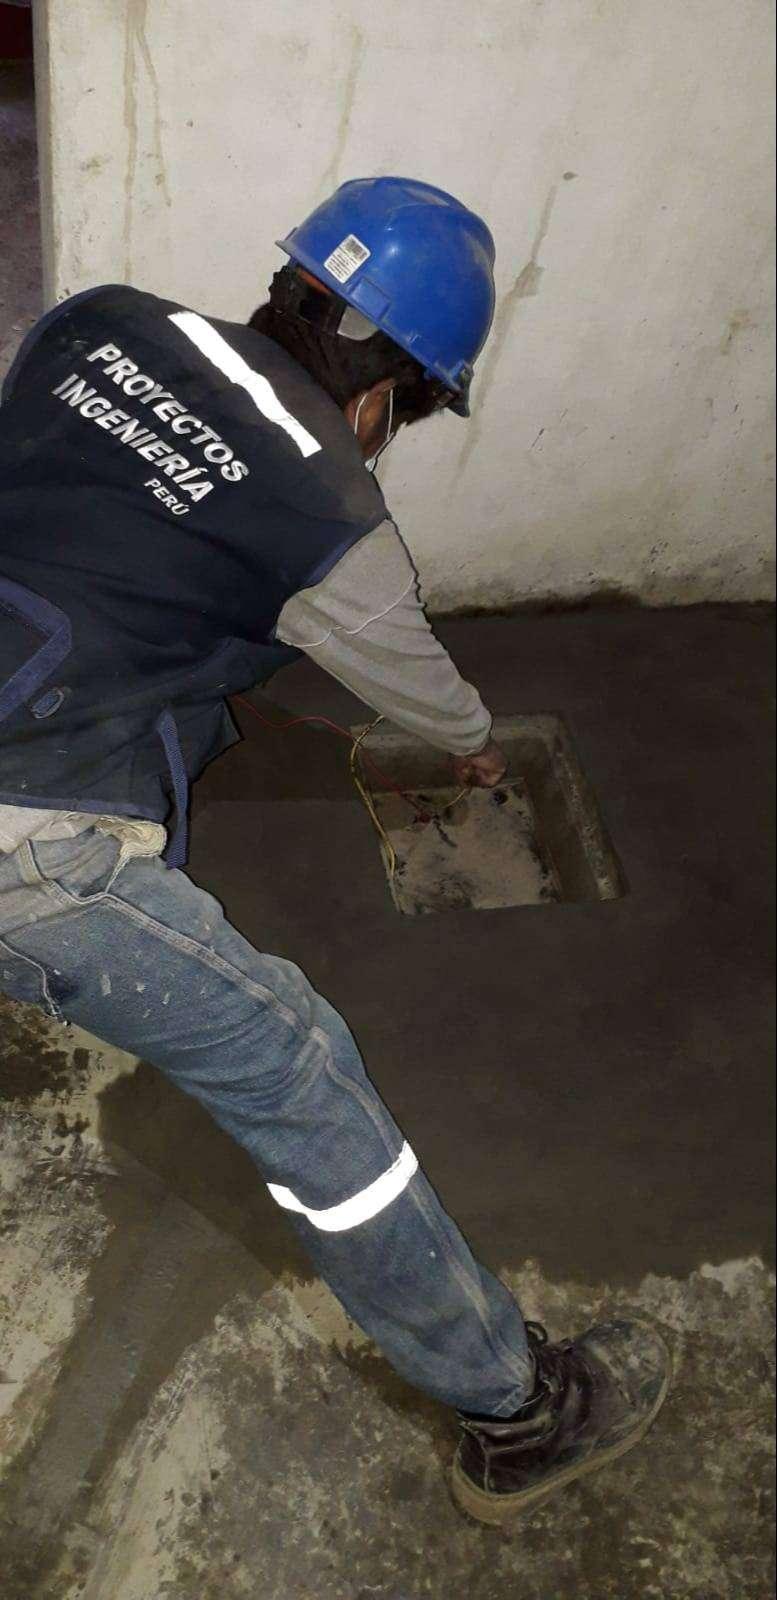 Puesta a tierra pozo y mantenimiento protocolo y prevencion telurometro 0